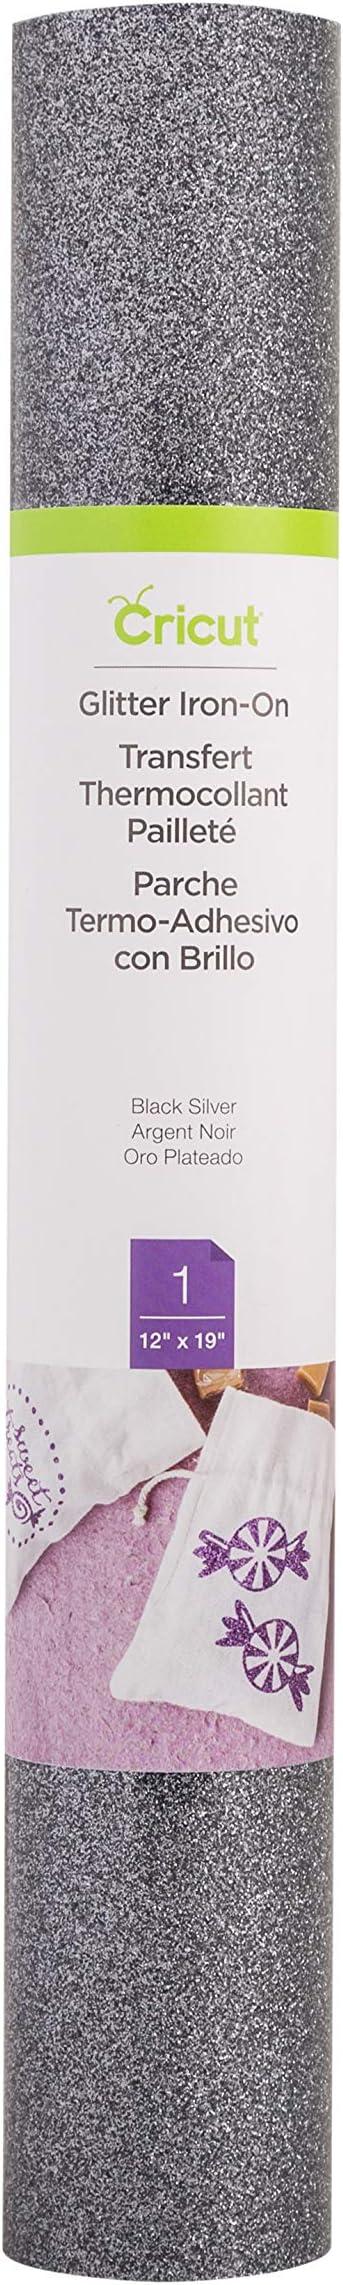 Black Cricut Iron on Glitter